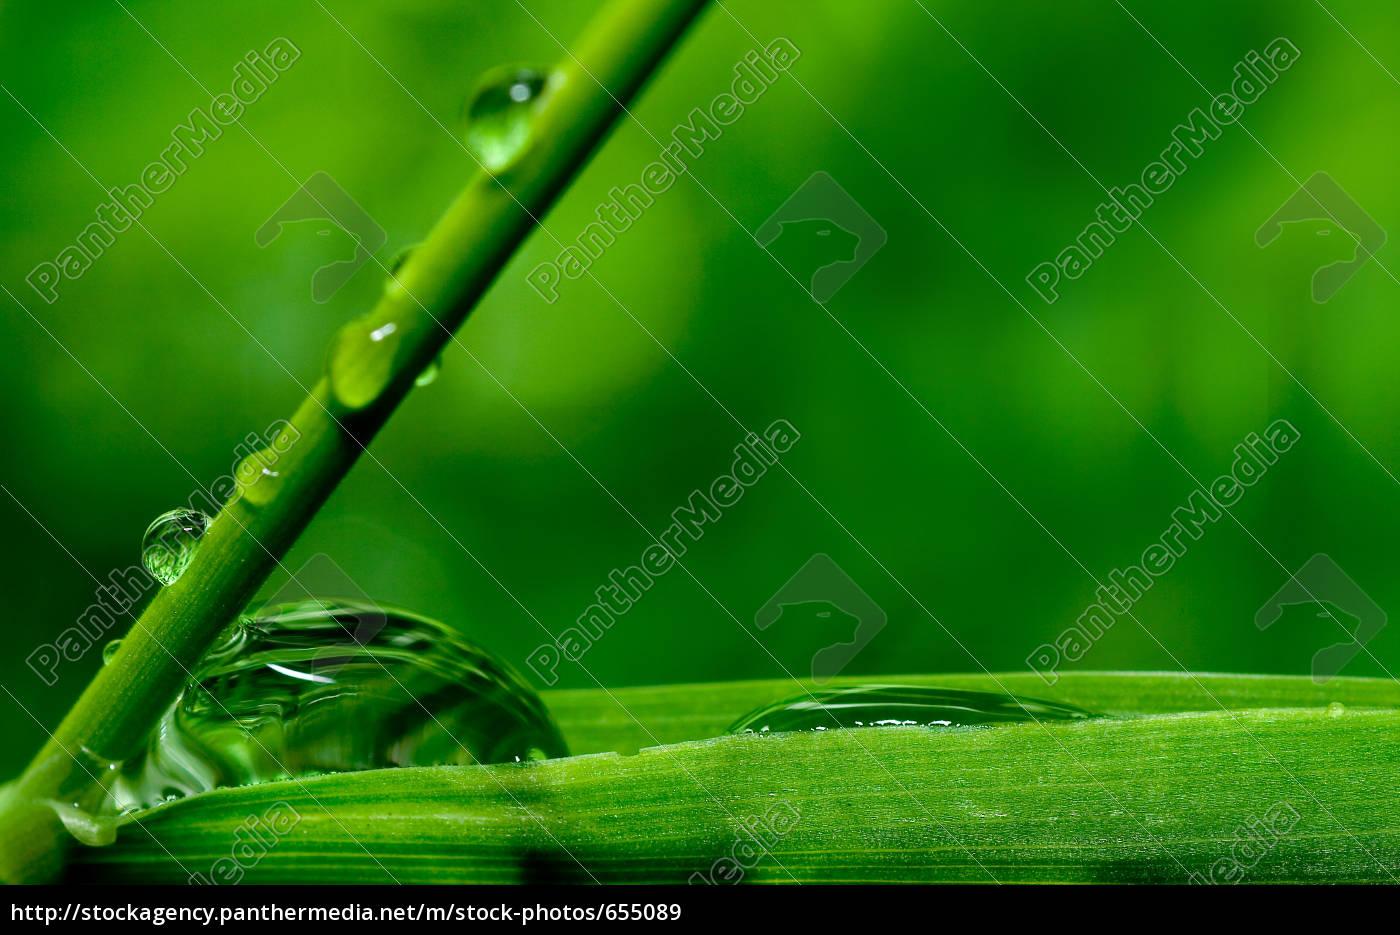 raindrop - 655089